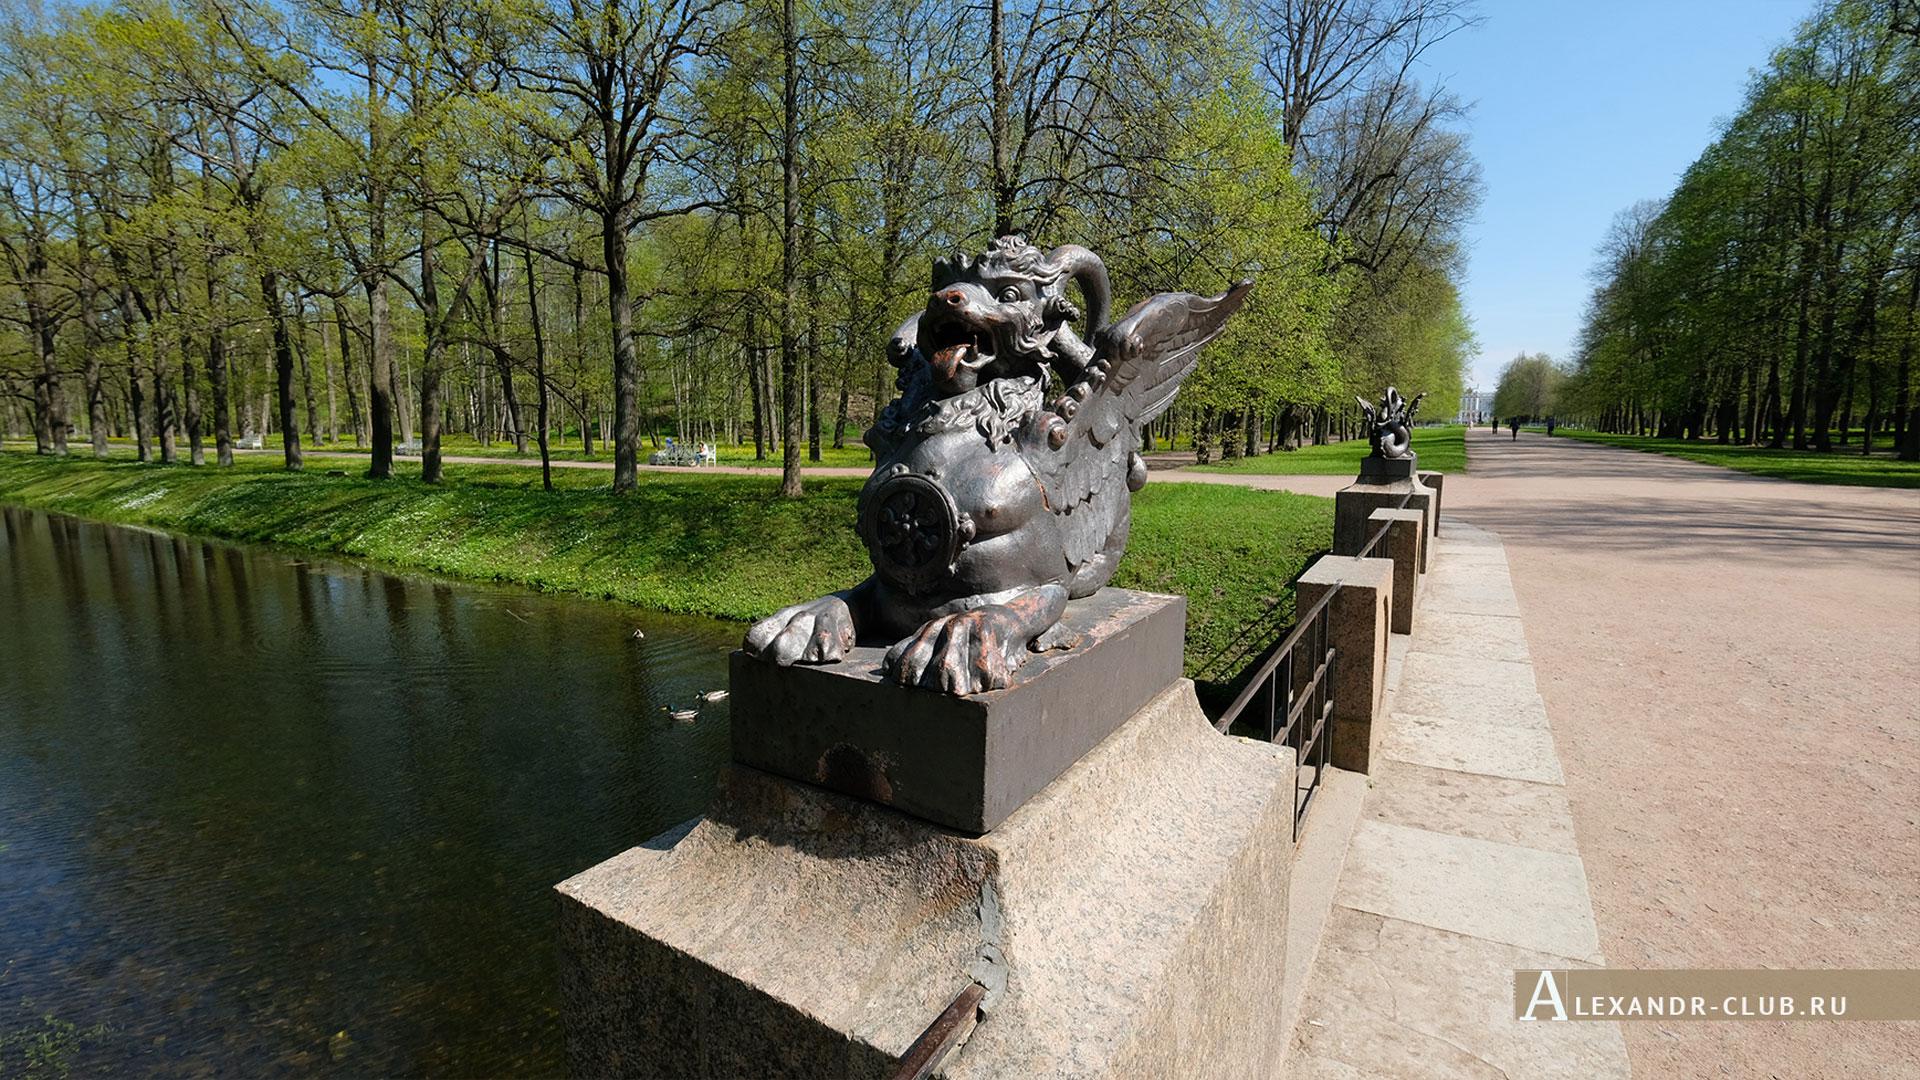 Царское Село, Александровский парк, весна, Драконов мост